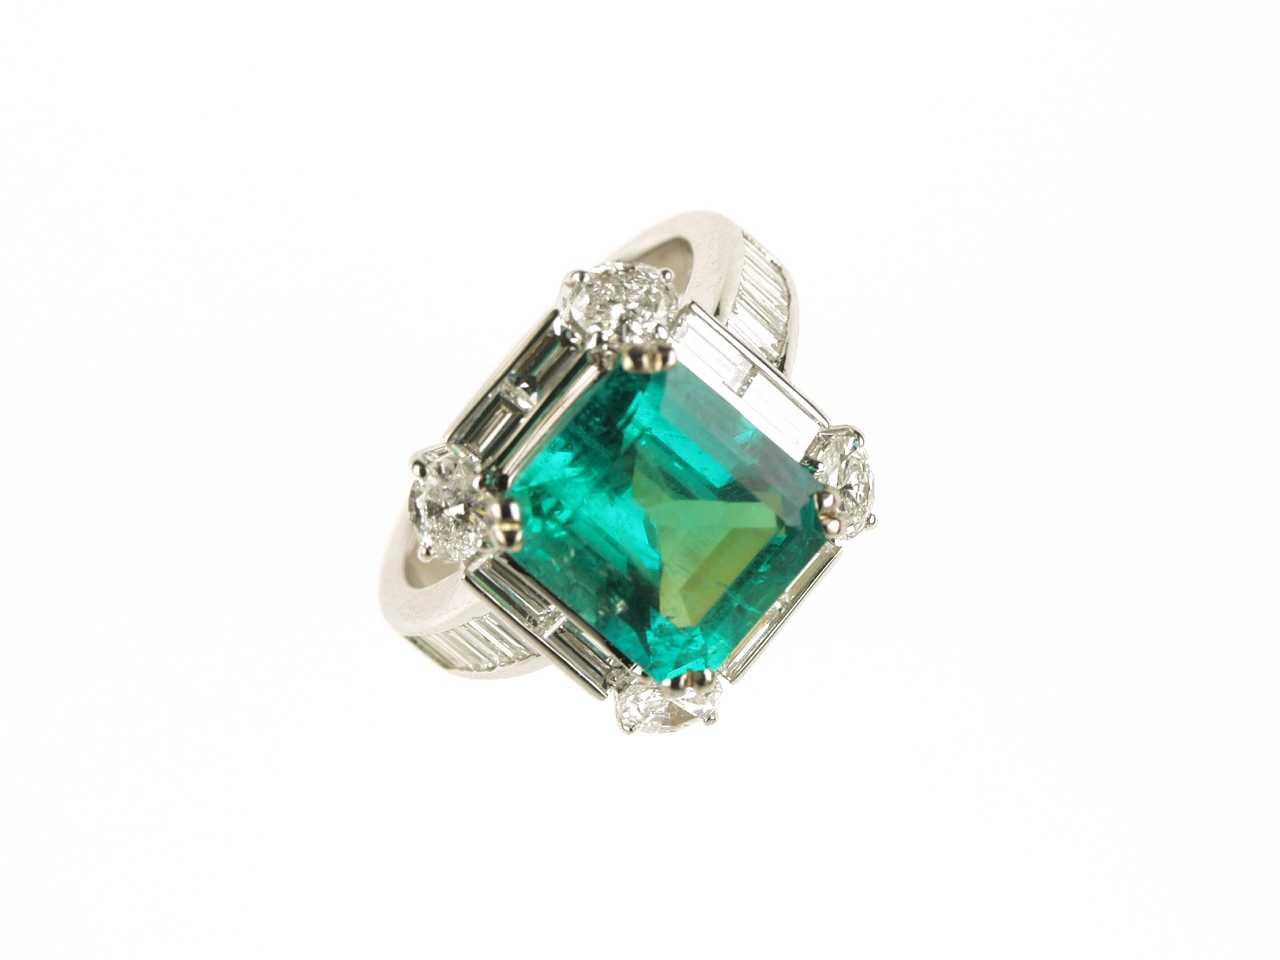 Smaragd schmuck  CC-Pearls, Perlen und Schmuck, pearls and jewellery, Schliessen ...